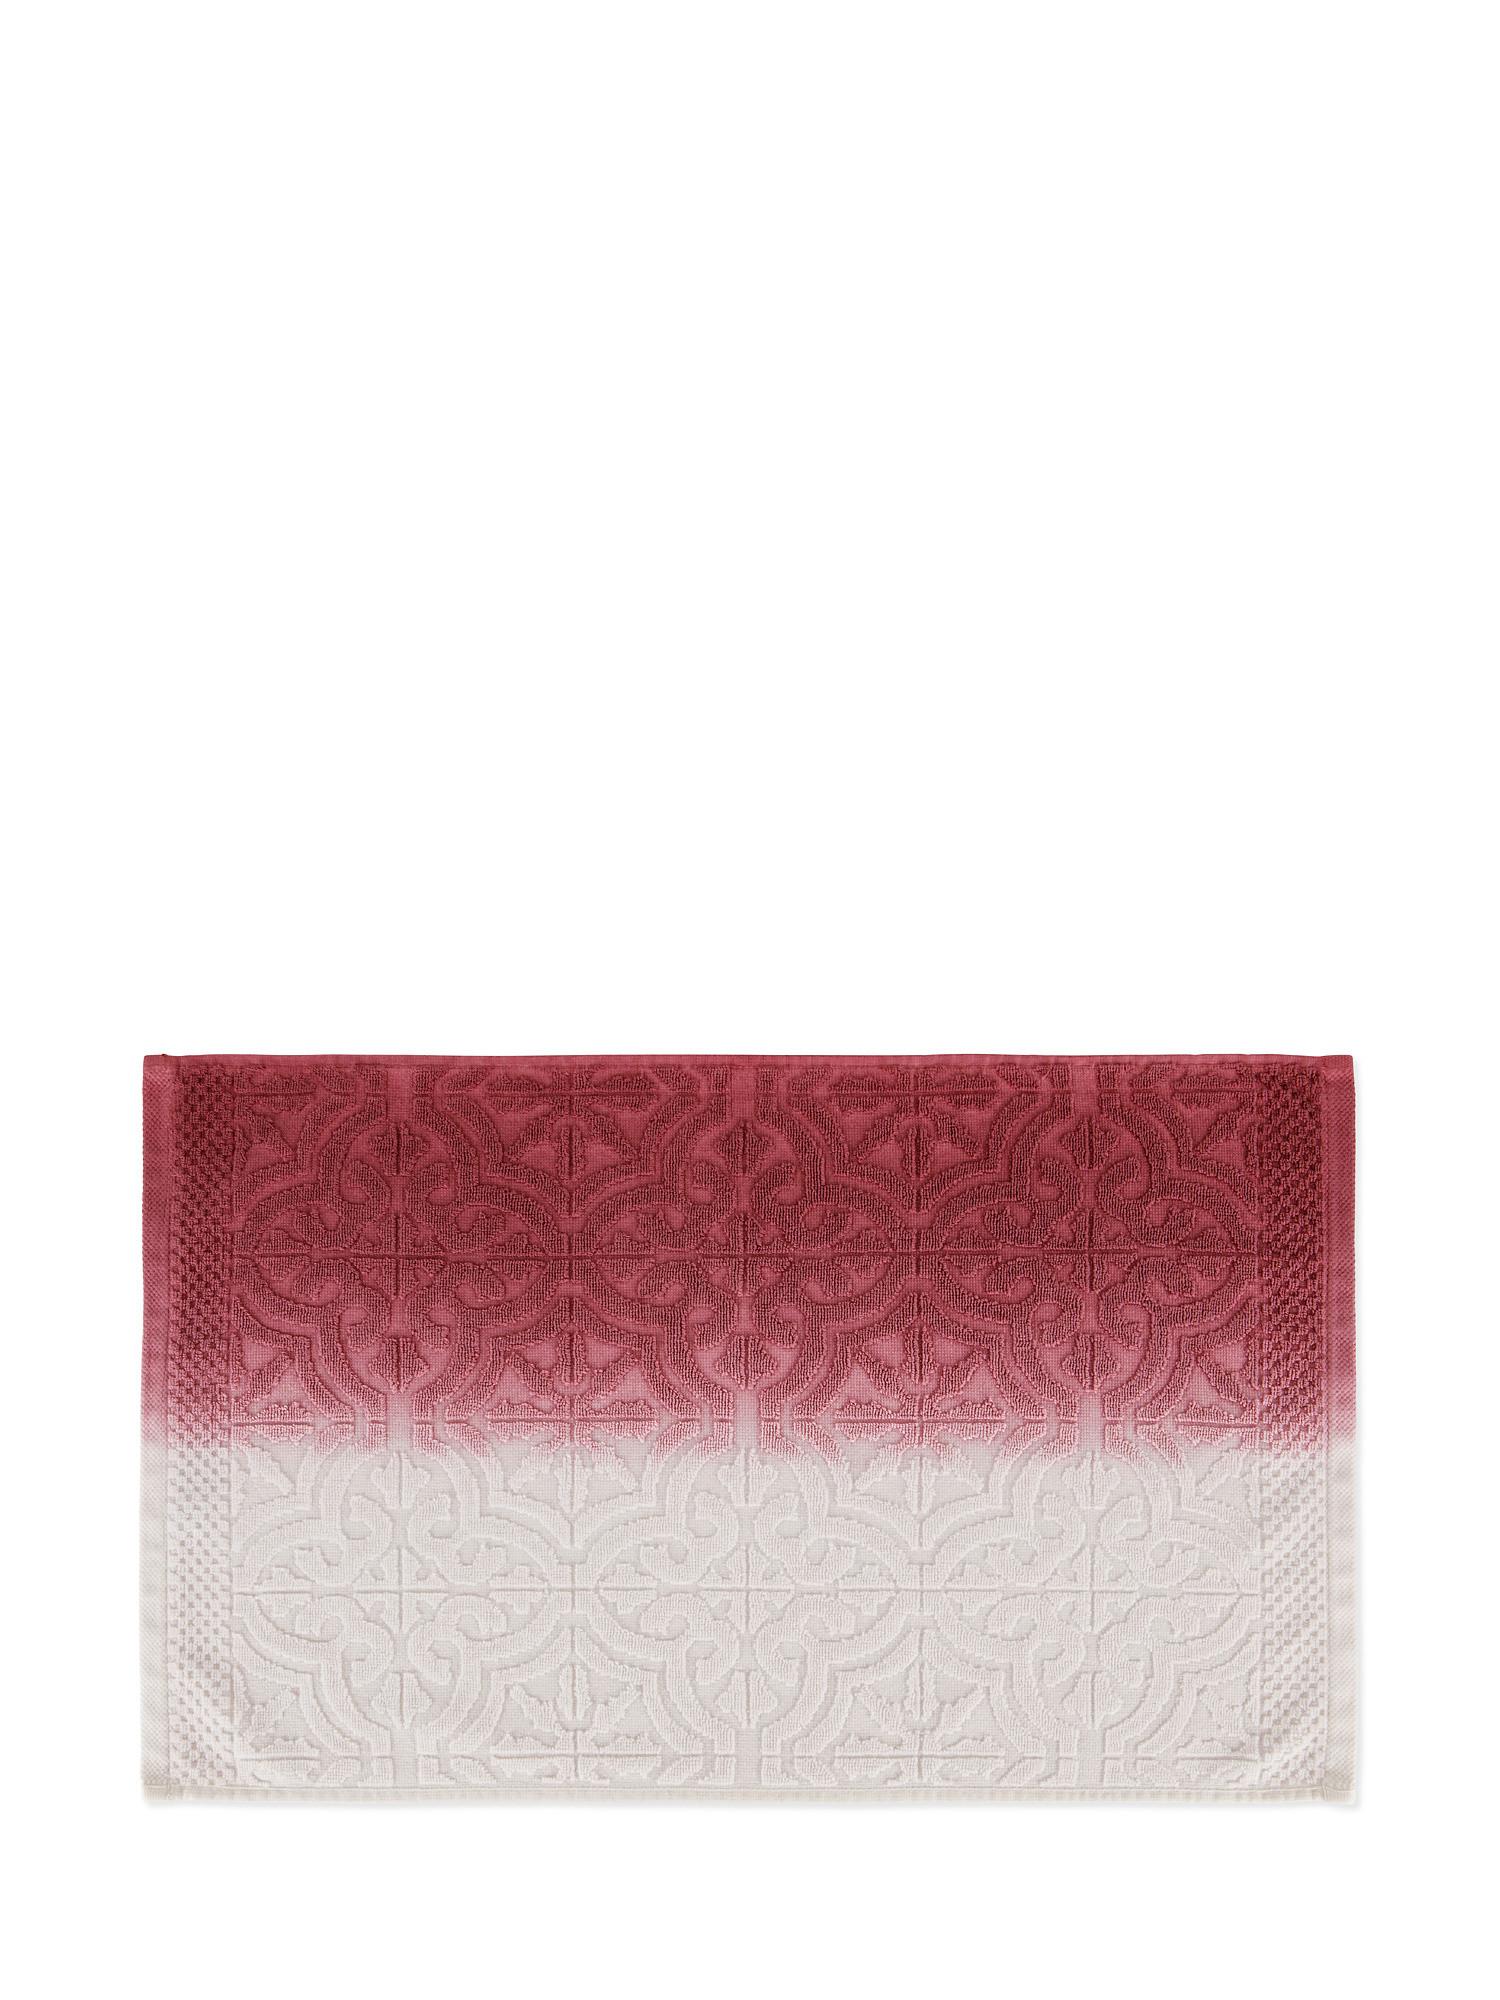 Asciugamano spugna di cotone dip dye, Rosa, large image number 2